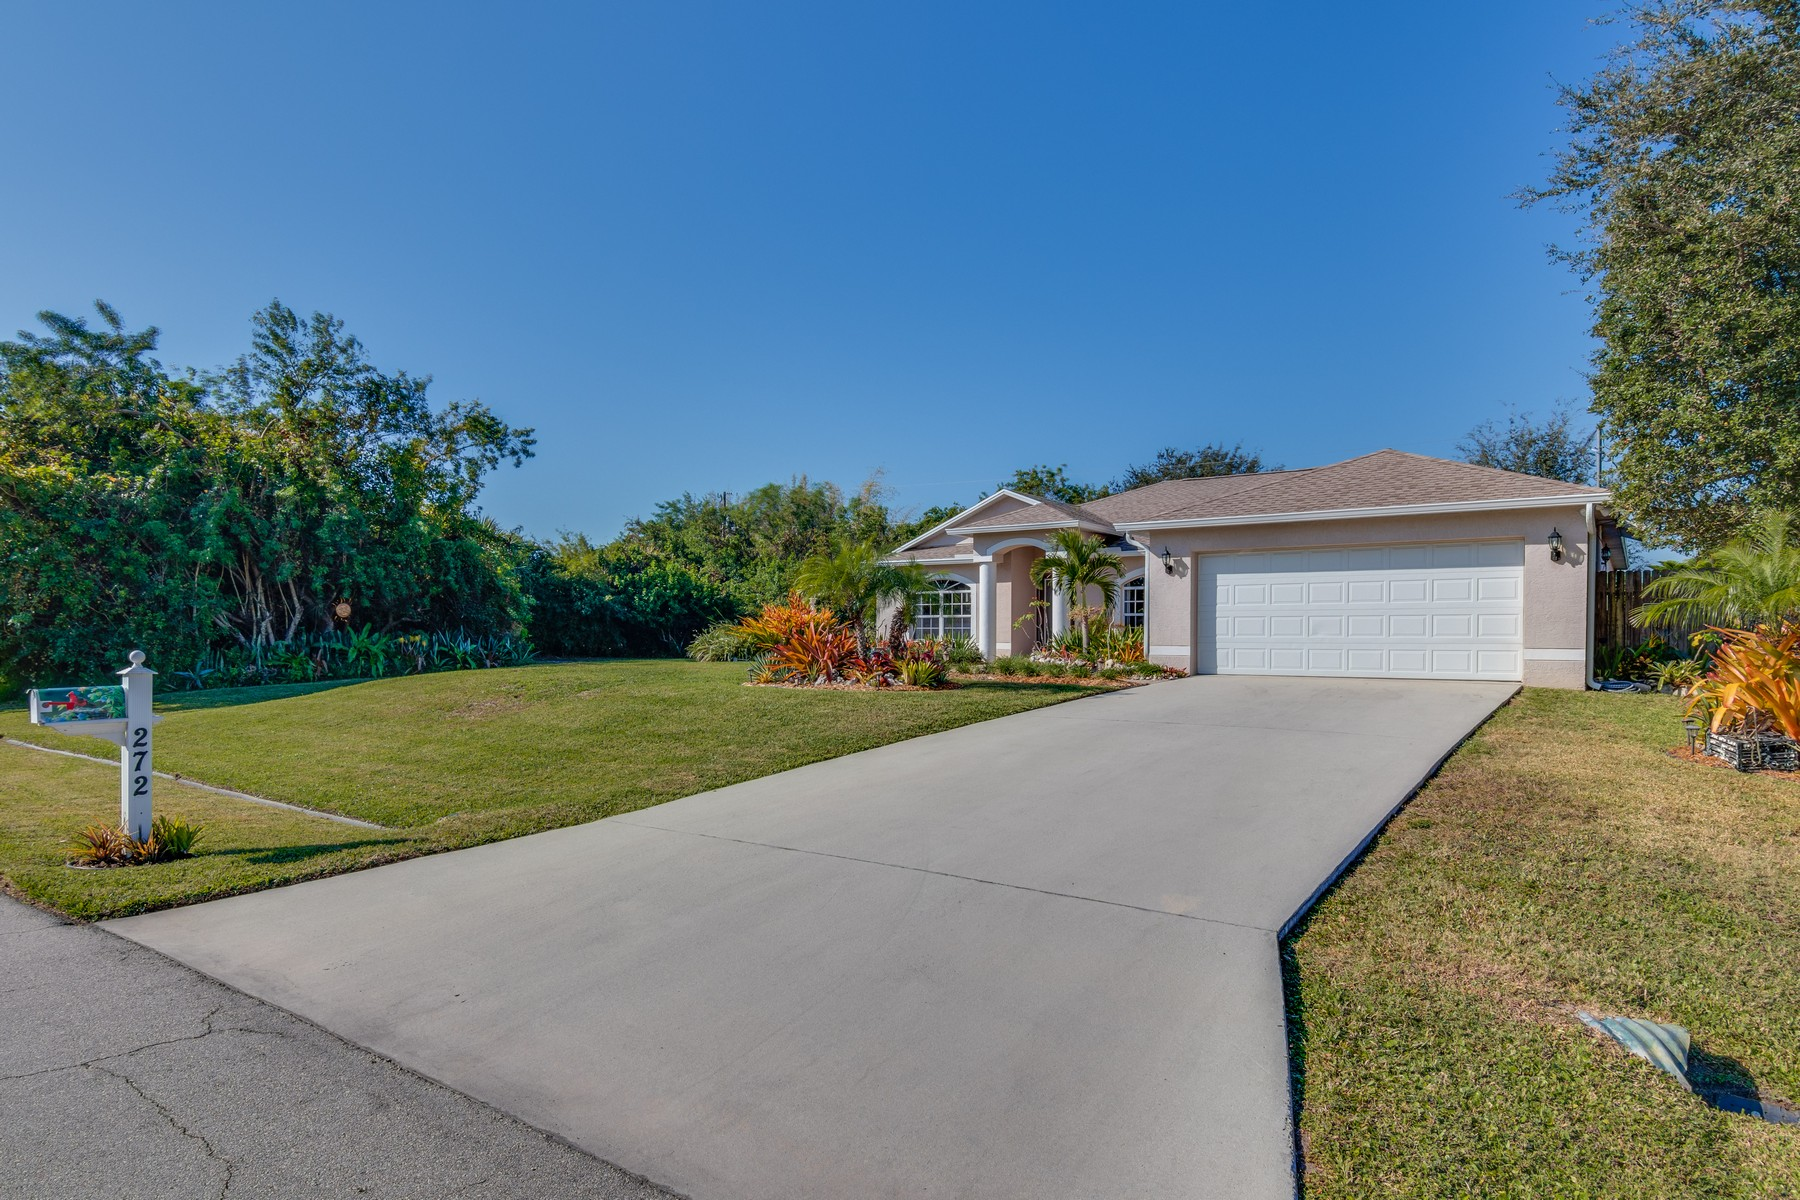 独户住宅 为 销售 在 272 SW S Quick 圣露西港, 佛罗里达州, 34953 美国